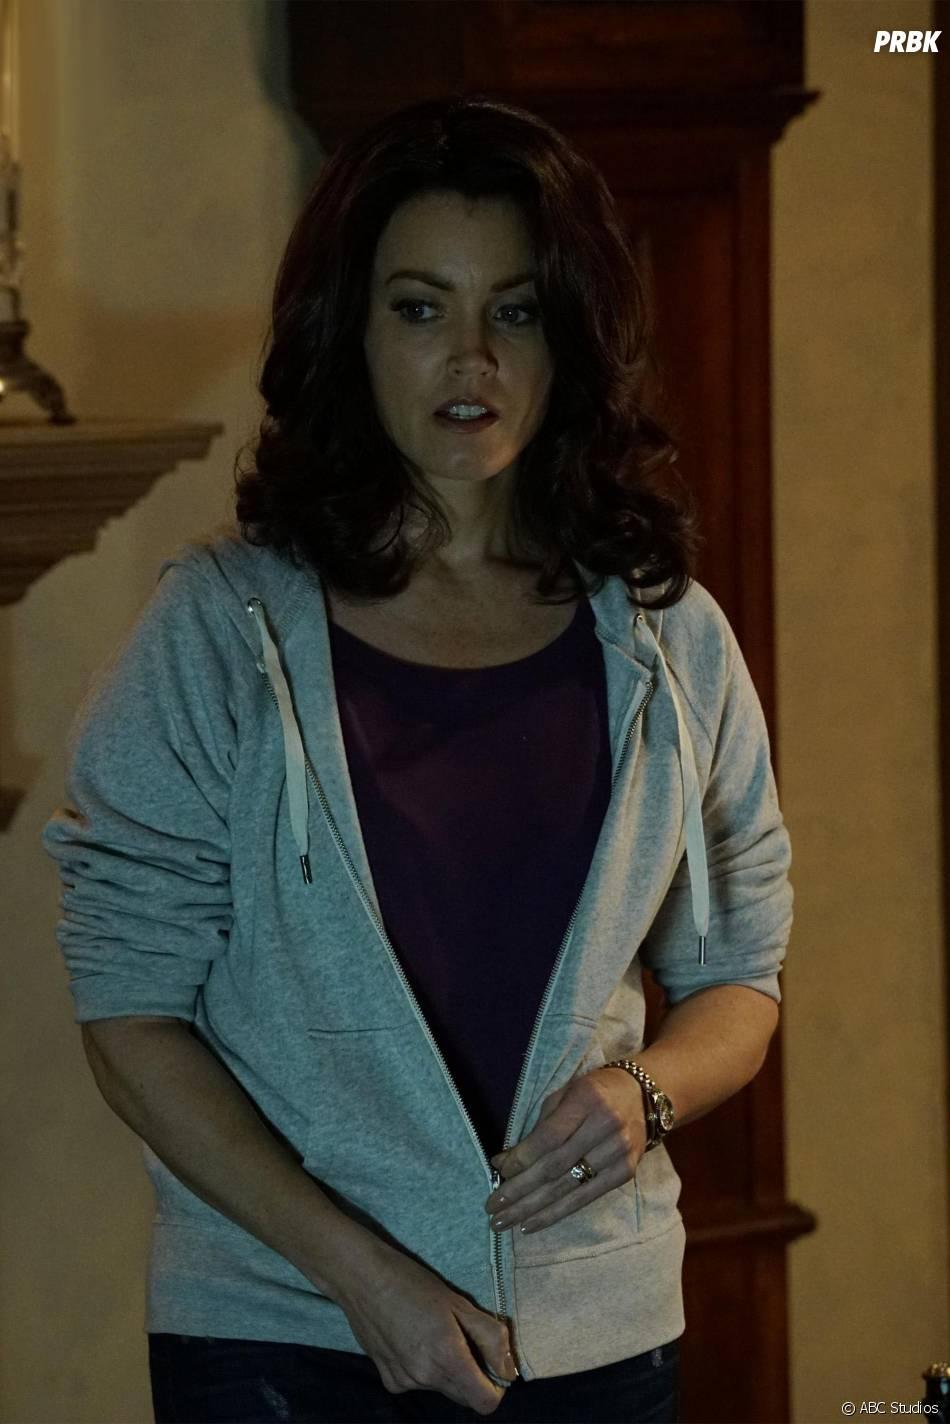 Scandal saison 5, épisode 5 : Bellamy Young (Mellie) sur une photo